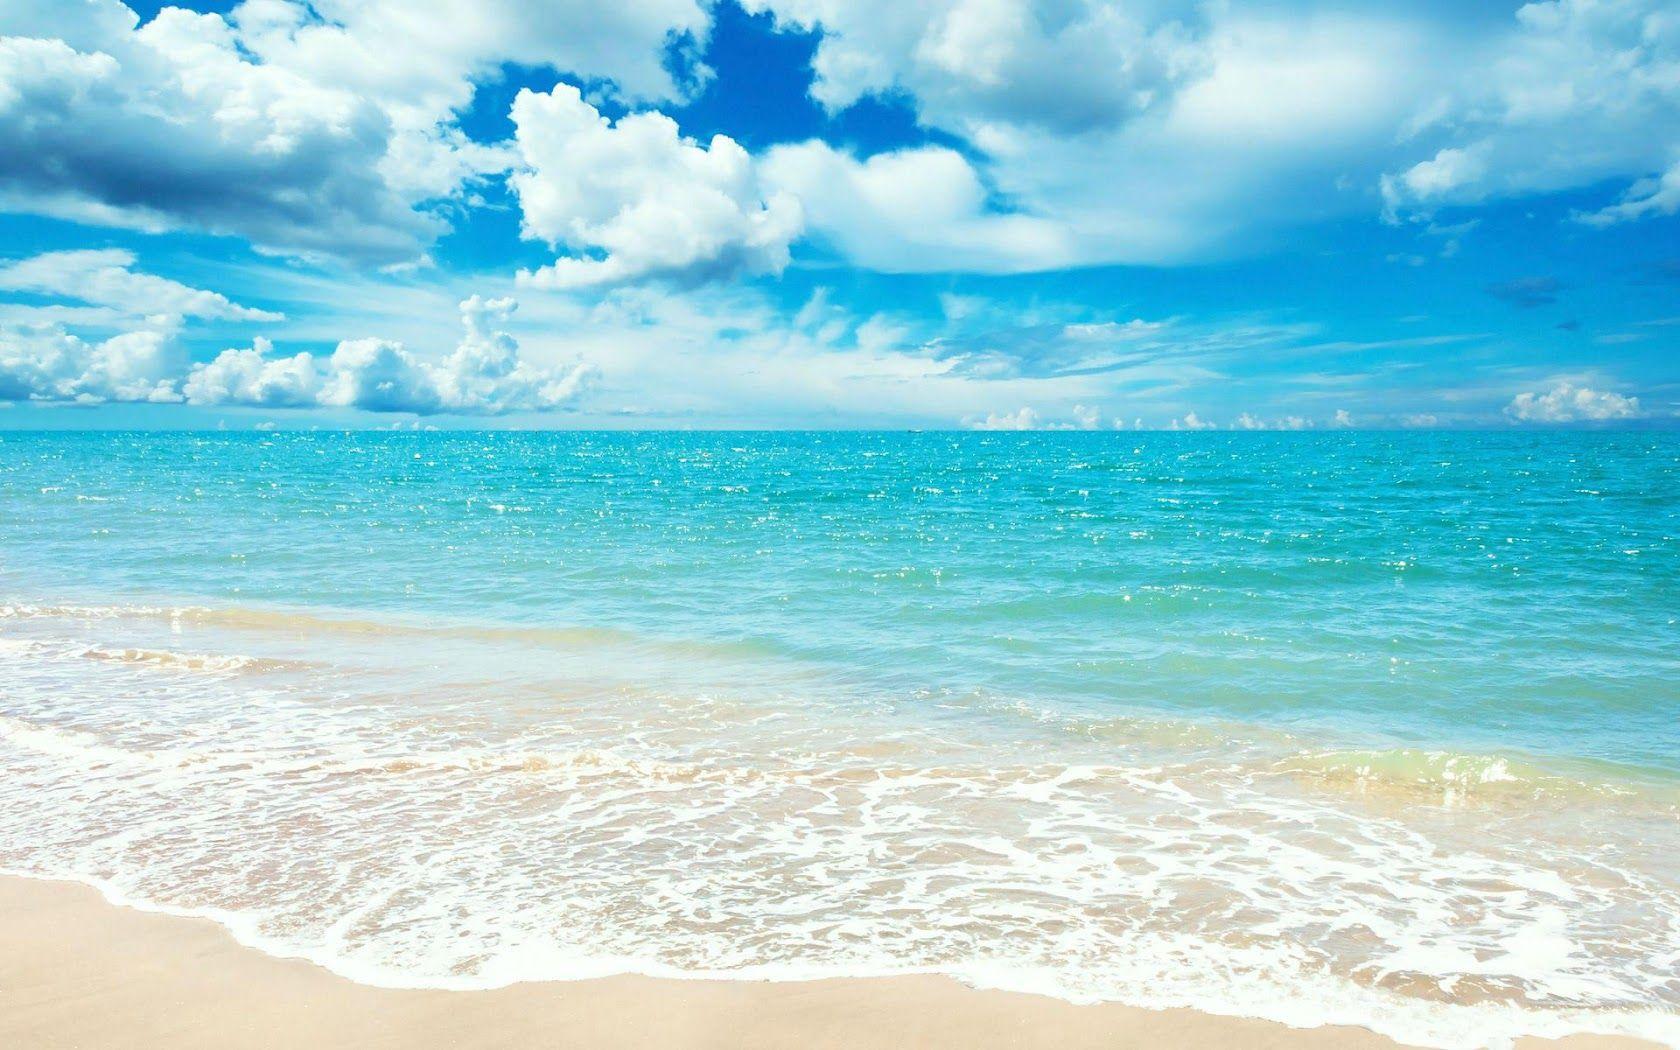 Beach Scene Beach Wallpaper Ocean Wallpaper Beach Desktop Backgrounds